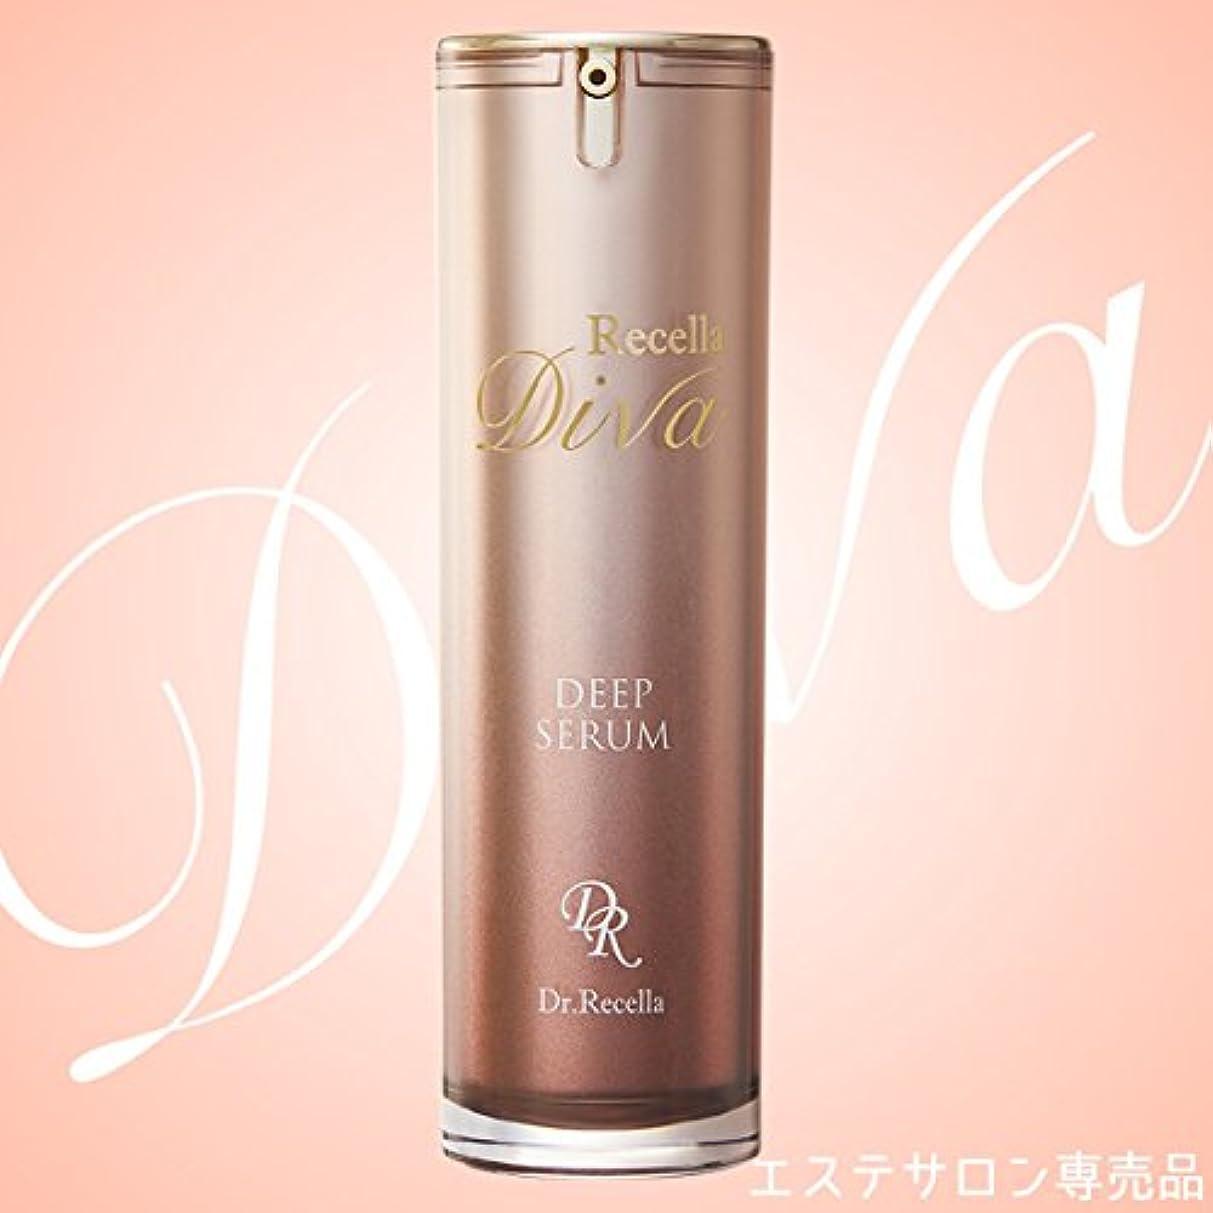 ガイド規制期待【リセラディーヴァ(サロン専売品)】DEEP SERUM(美容液)